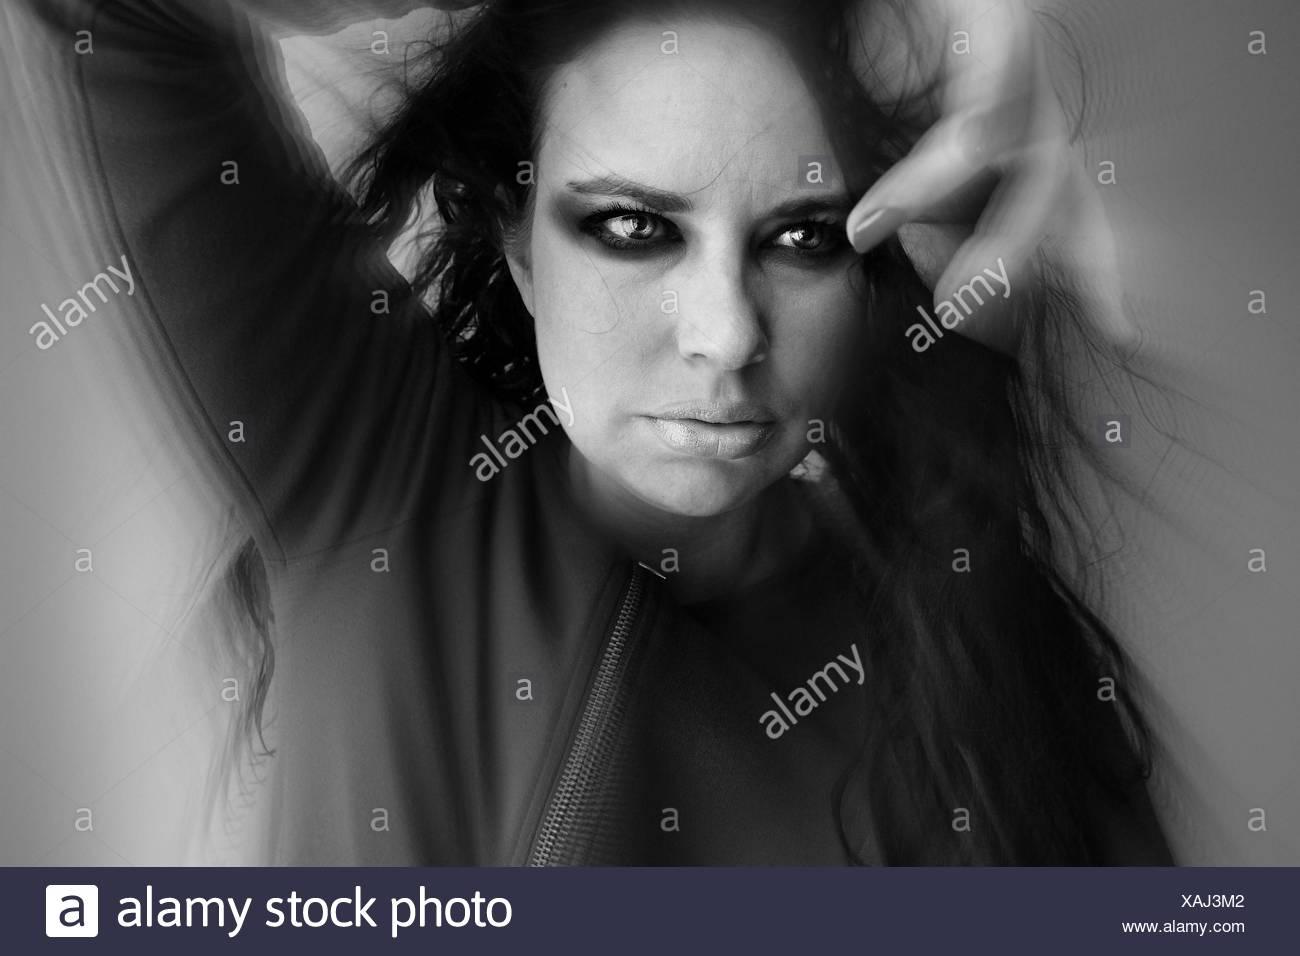 Vista frontal de la moda modelo contra el fondo gris Imagen De Stock